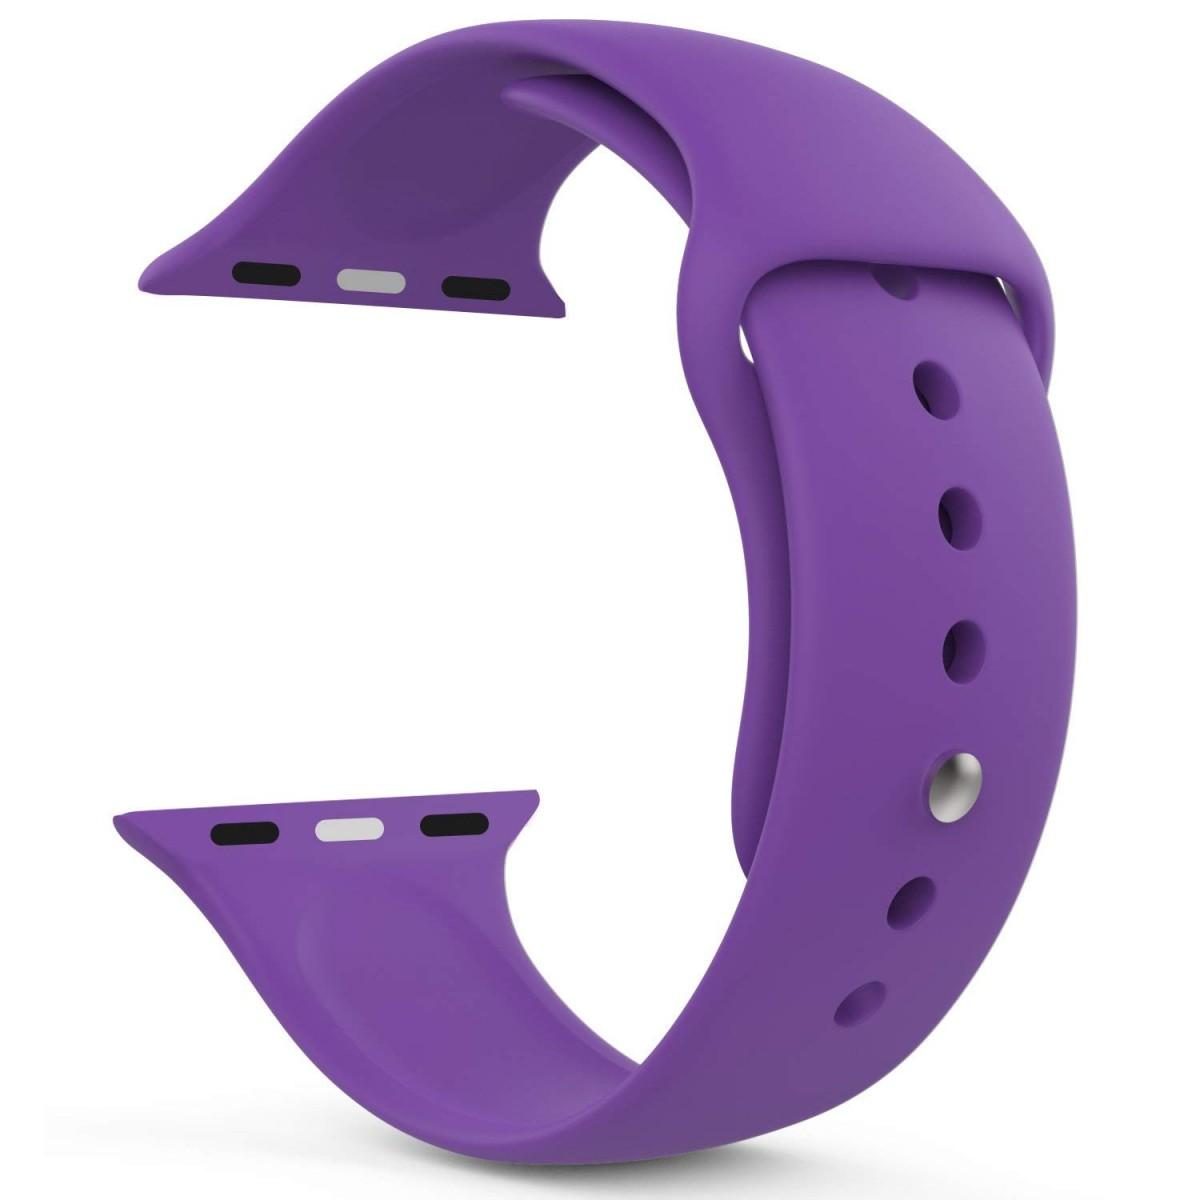 Řemínek SmoothBand pro Apple Watch Series 3/2/1 42mm - Tmavě fialový